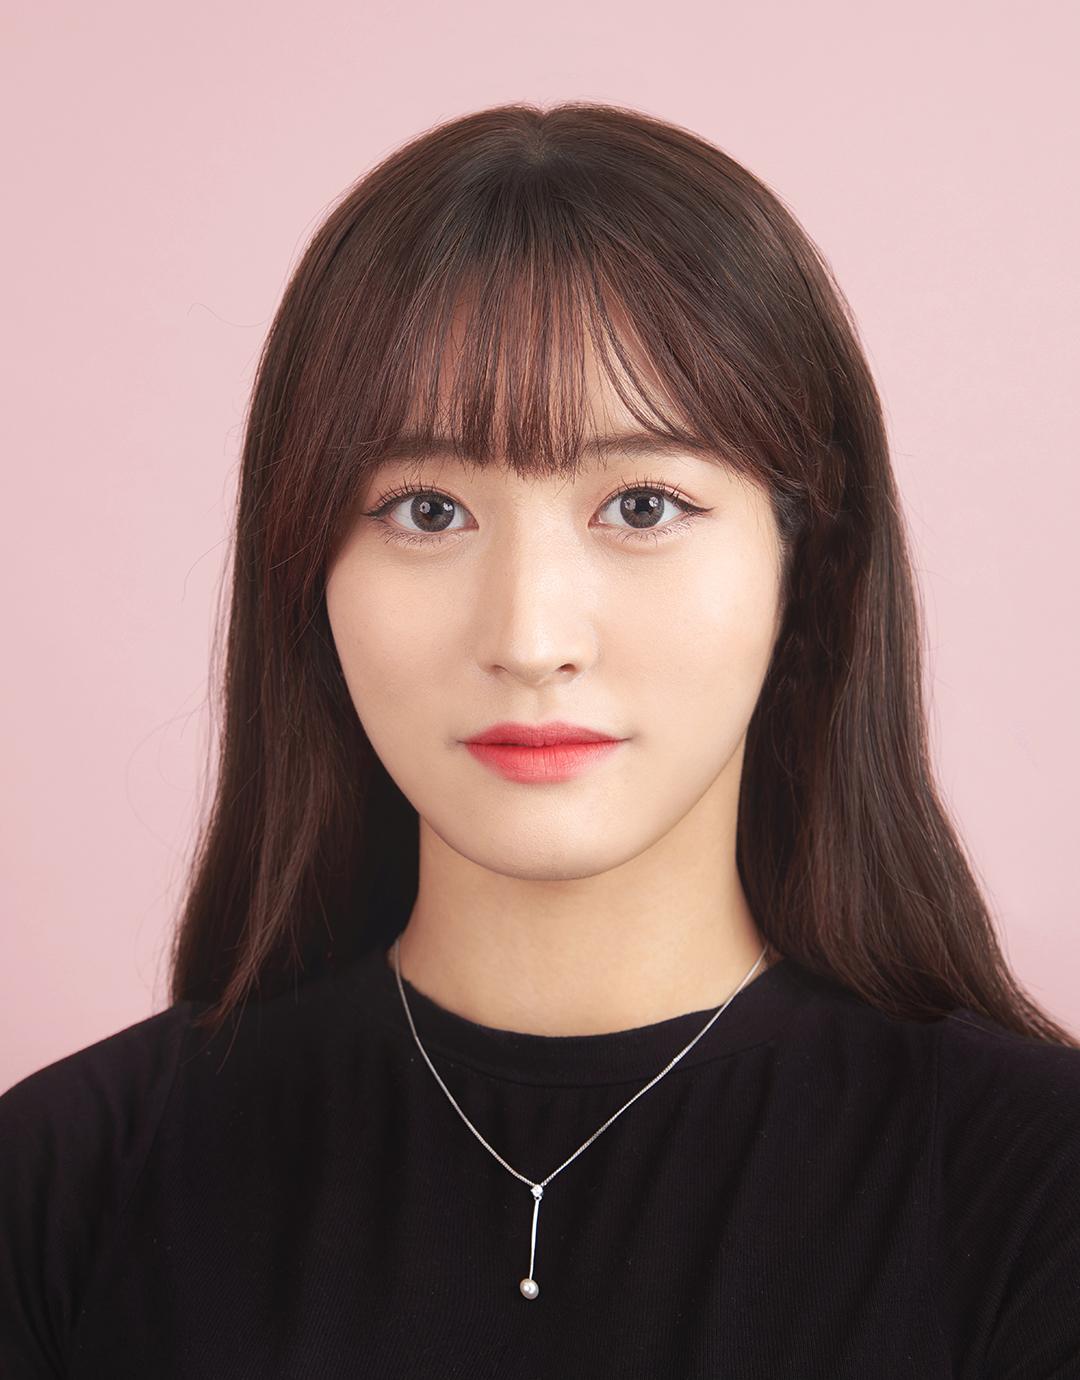 <br><h4>COLOR</h4> 20,000 won